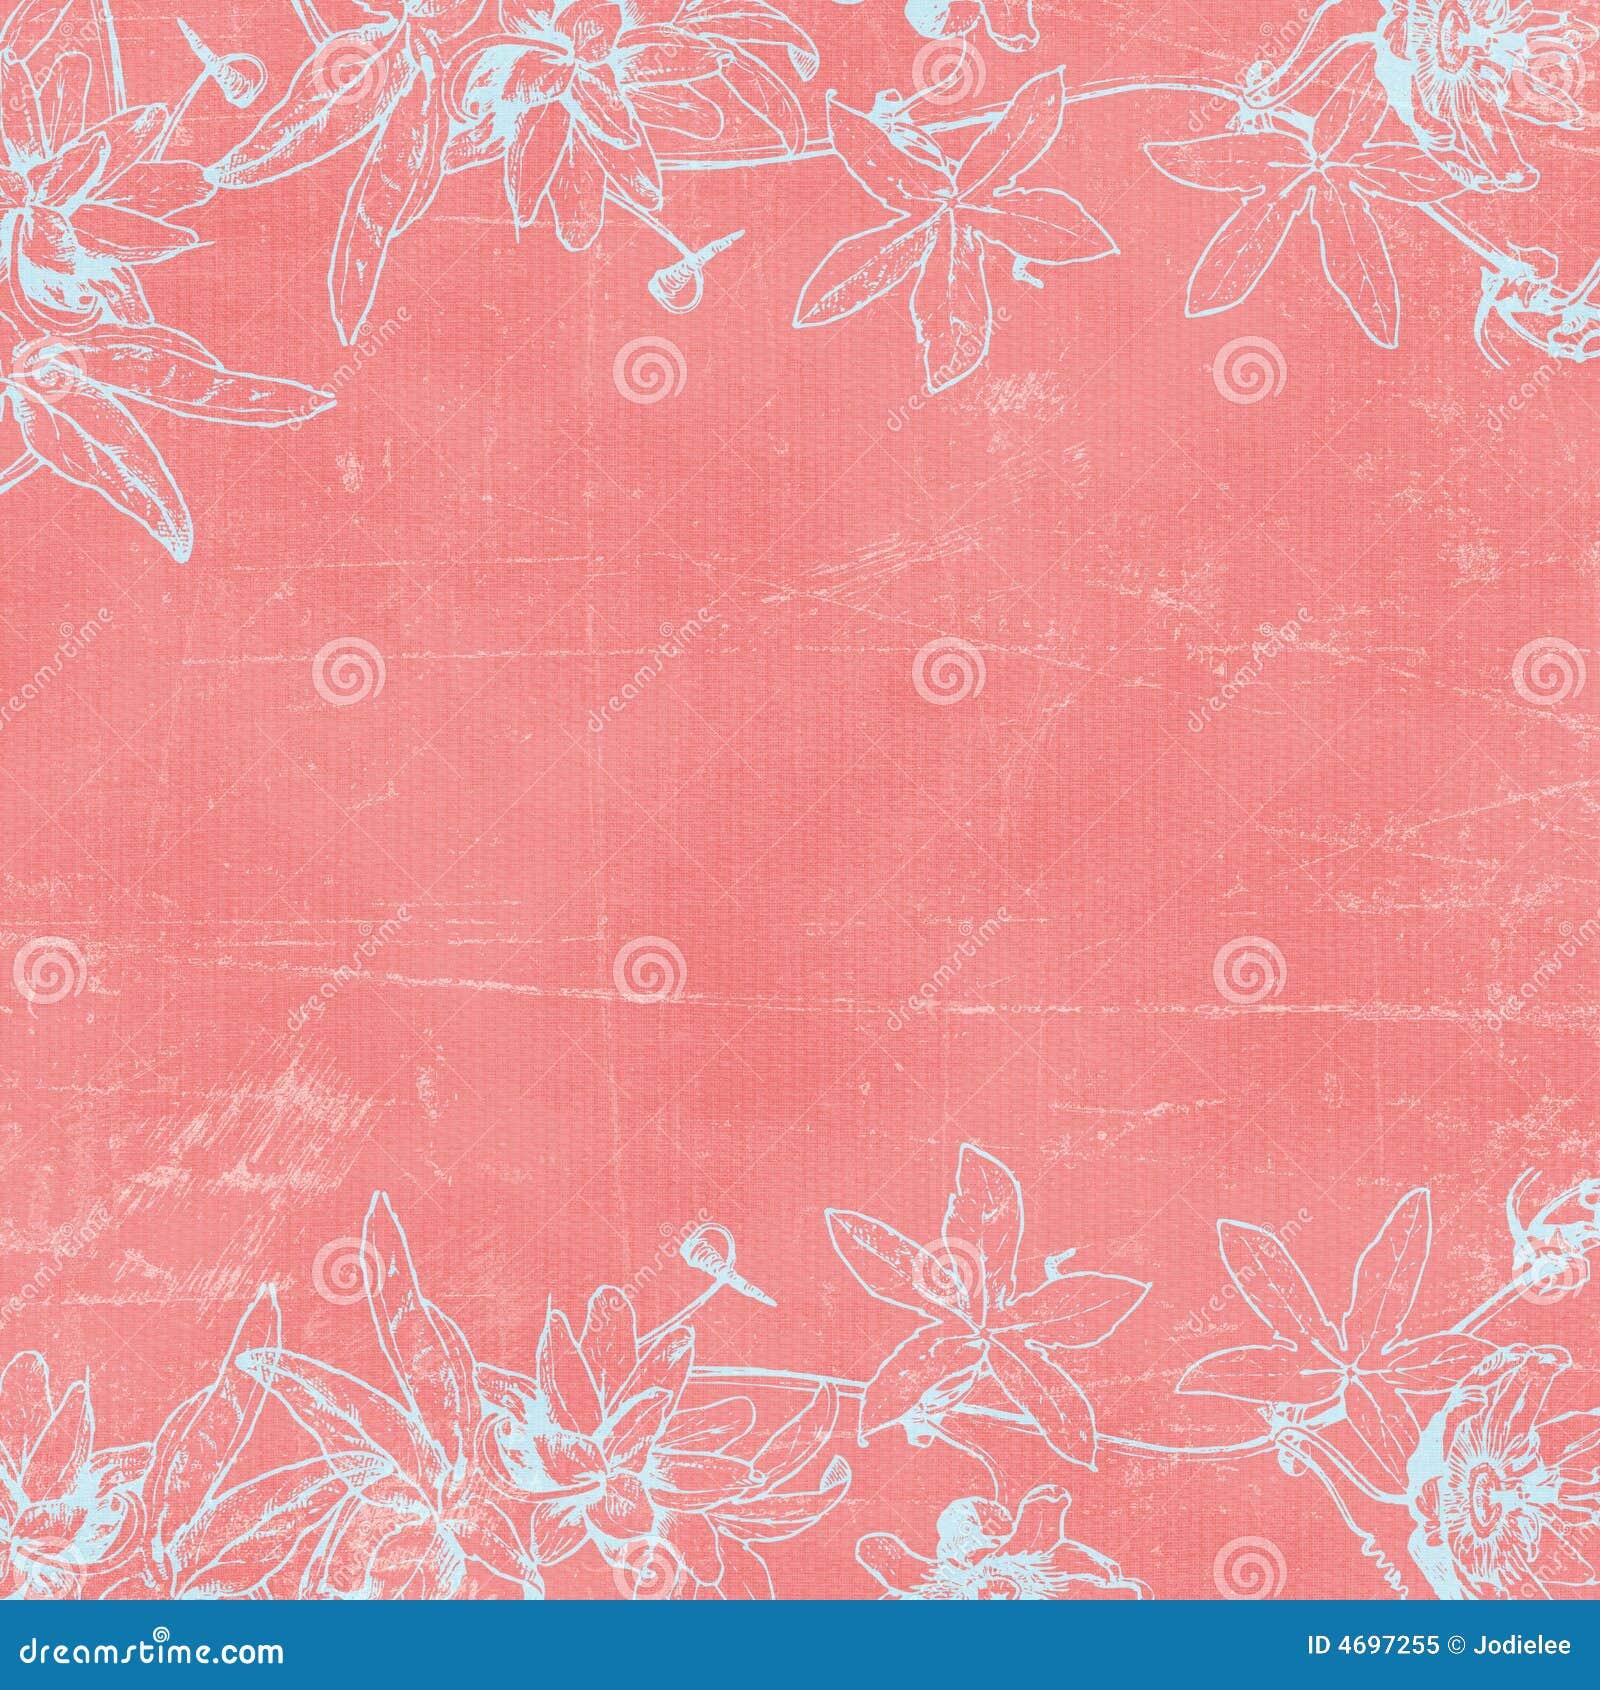 Vintage Florals Botanical Paper Background